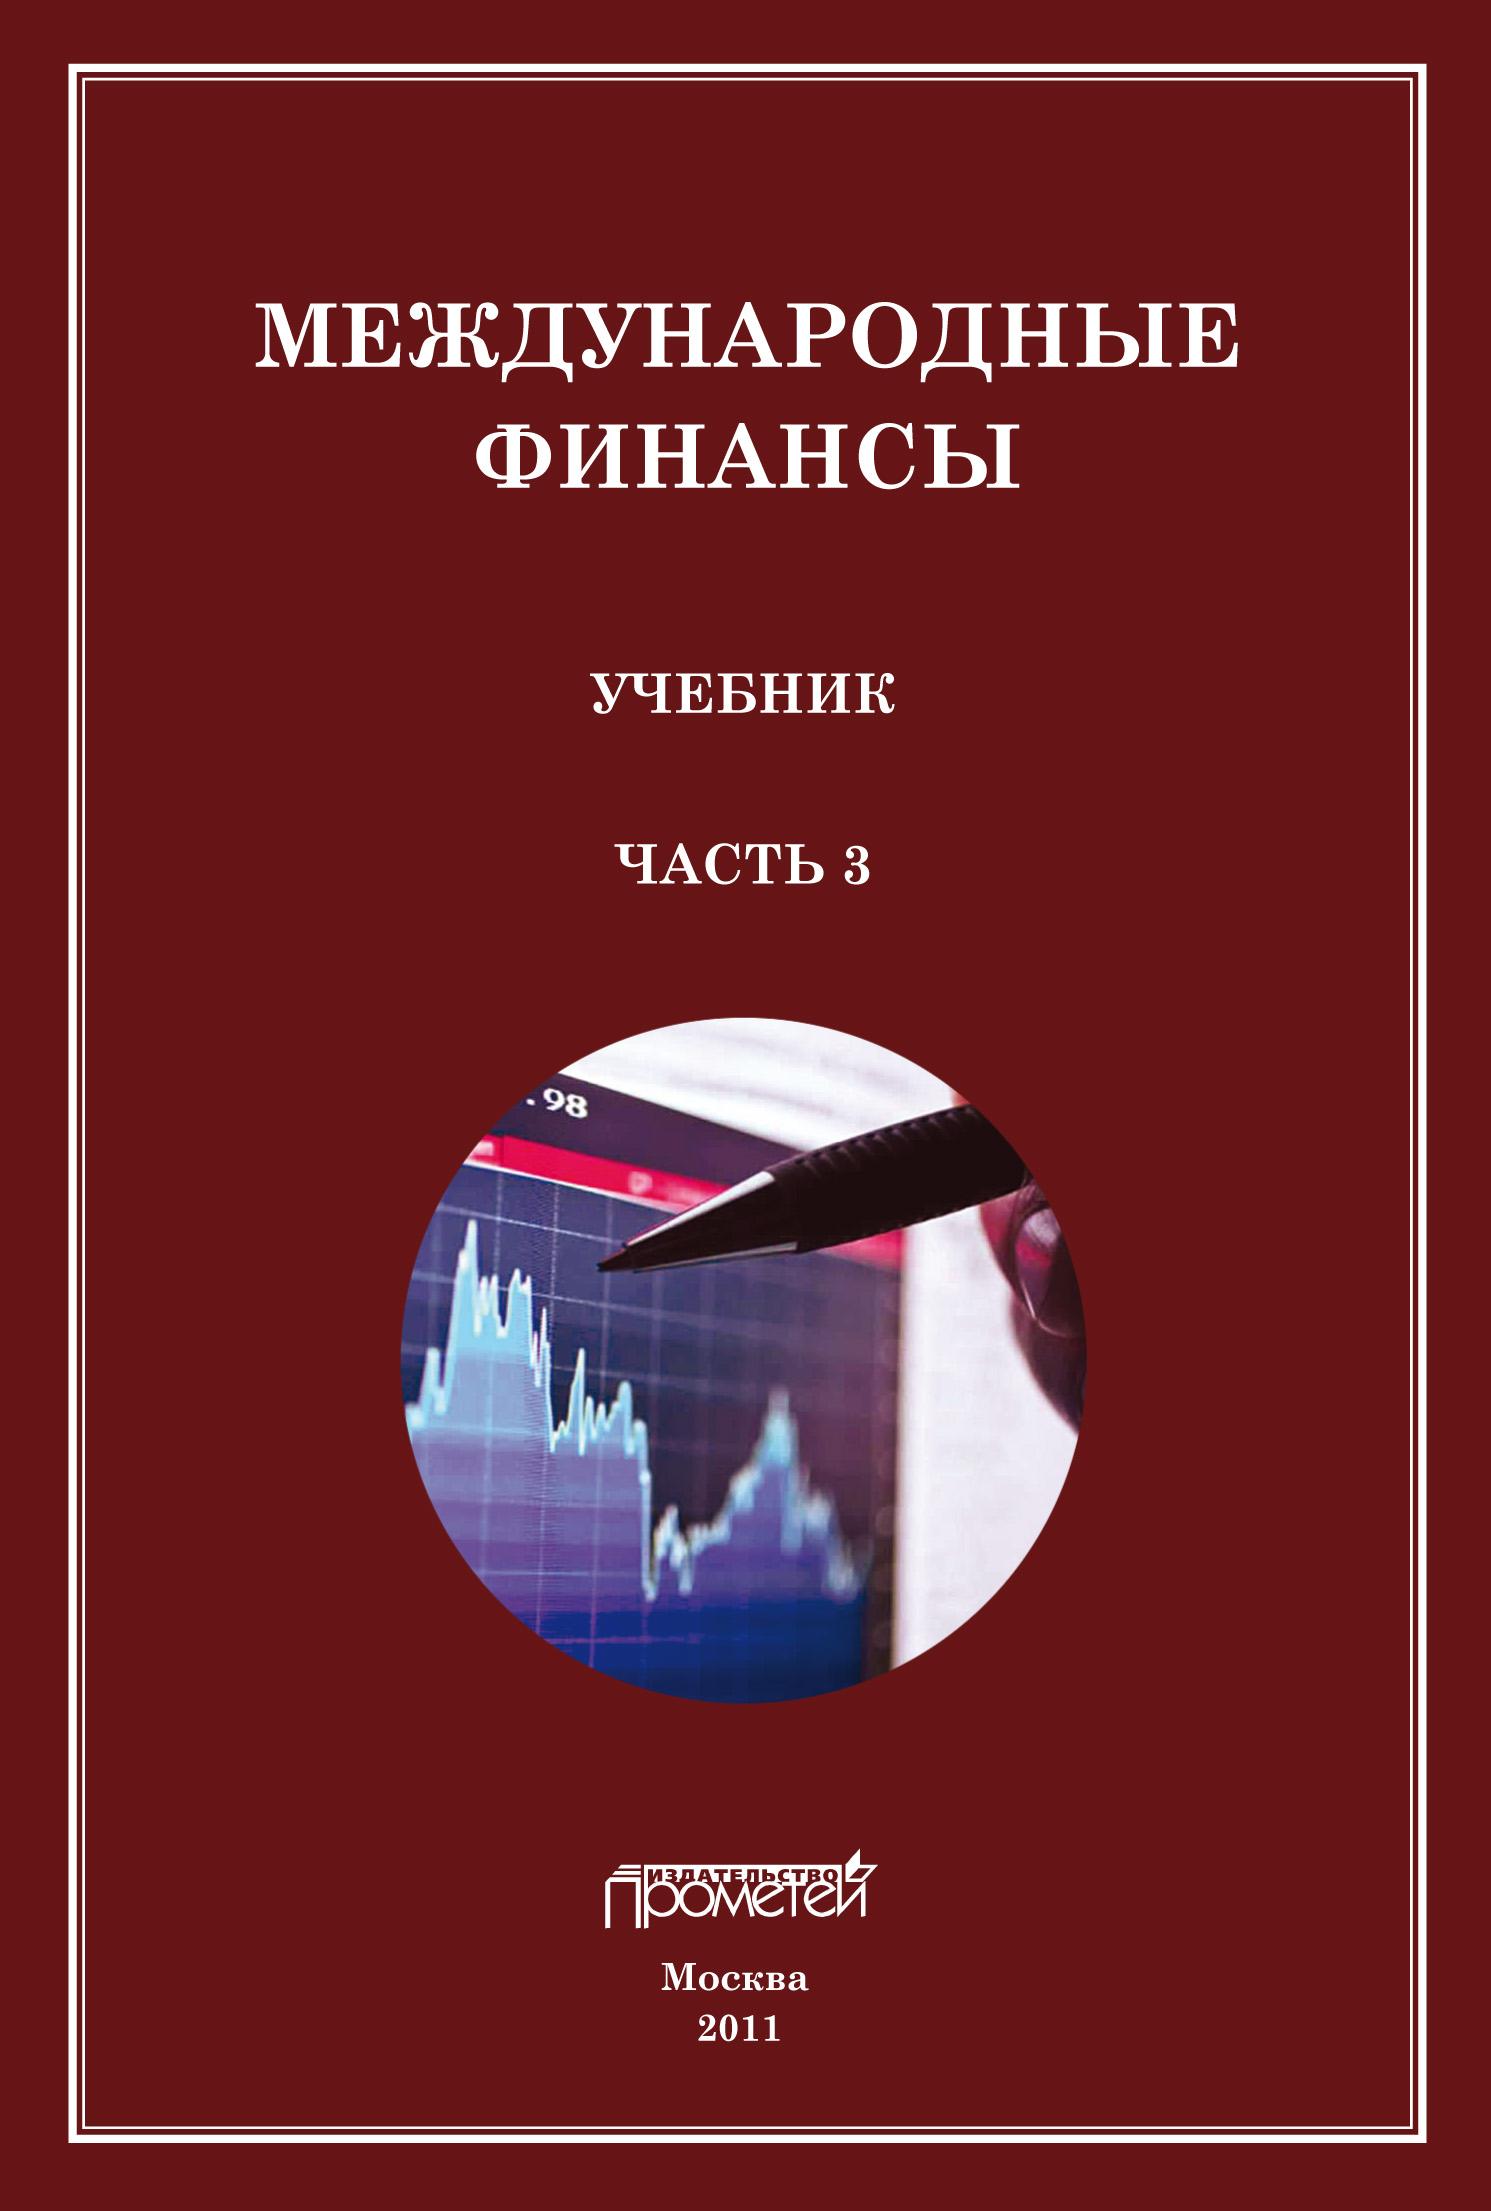 Отсутствует Международные финансы. Учебник. Часть 3 отсутствует международные финансы учебник часть 1